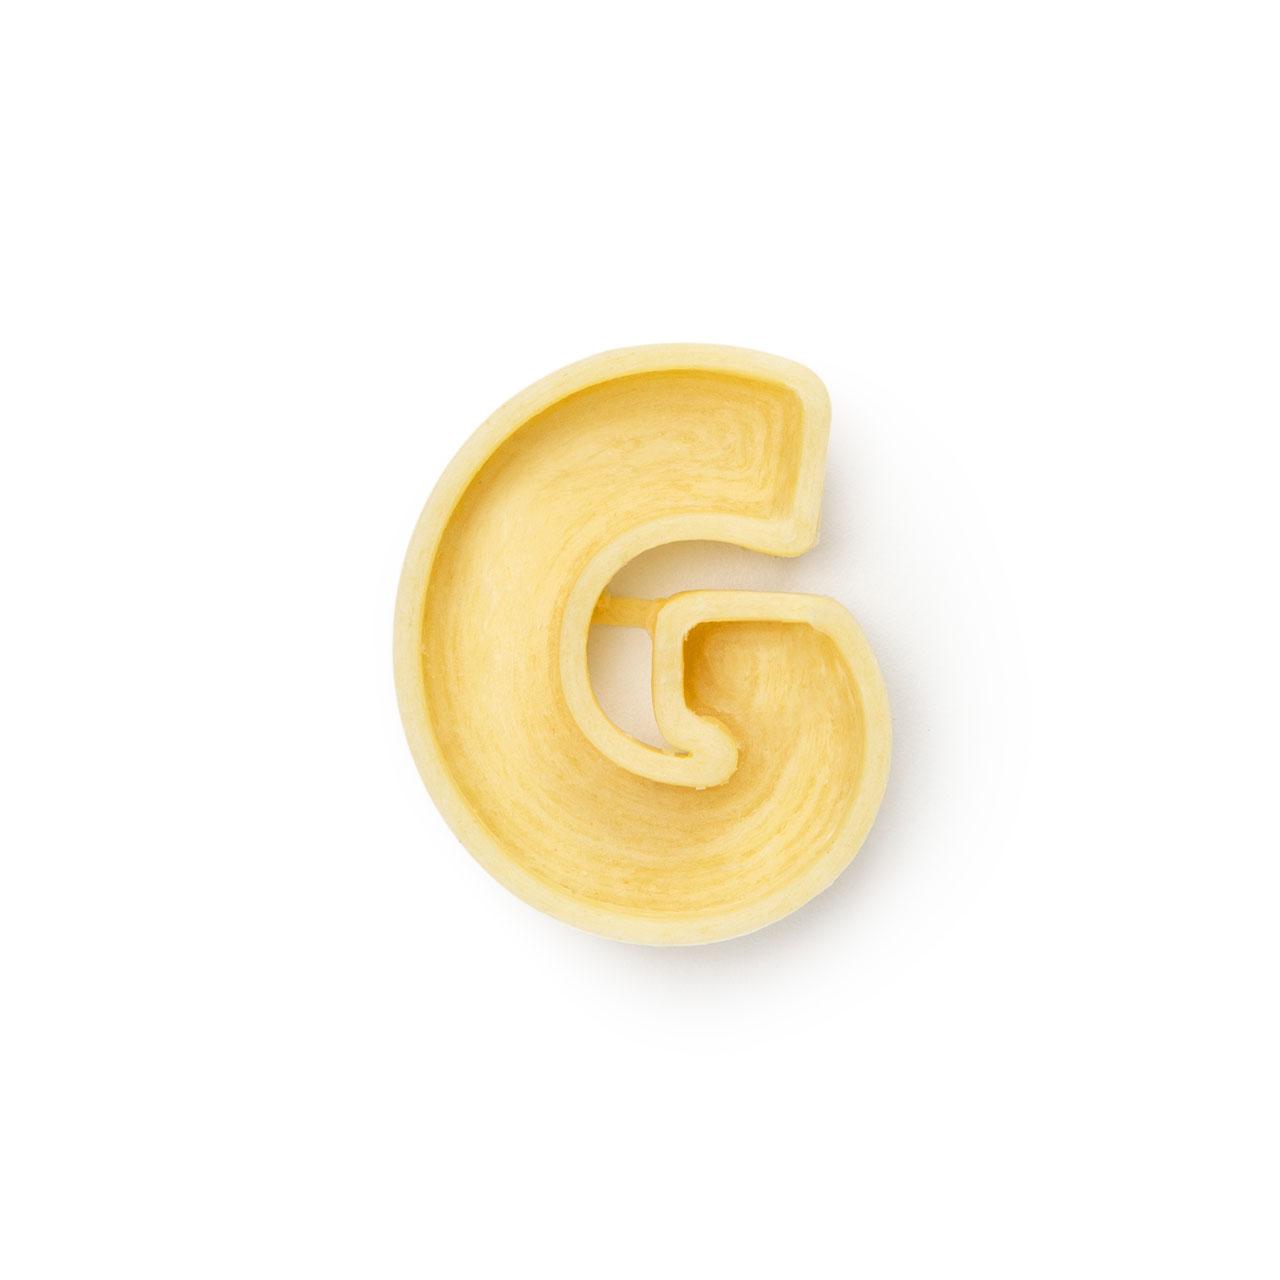 La lettera G di pasta